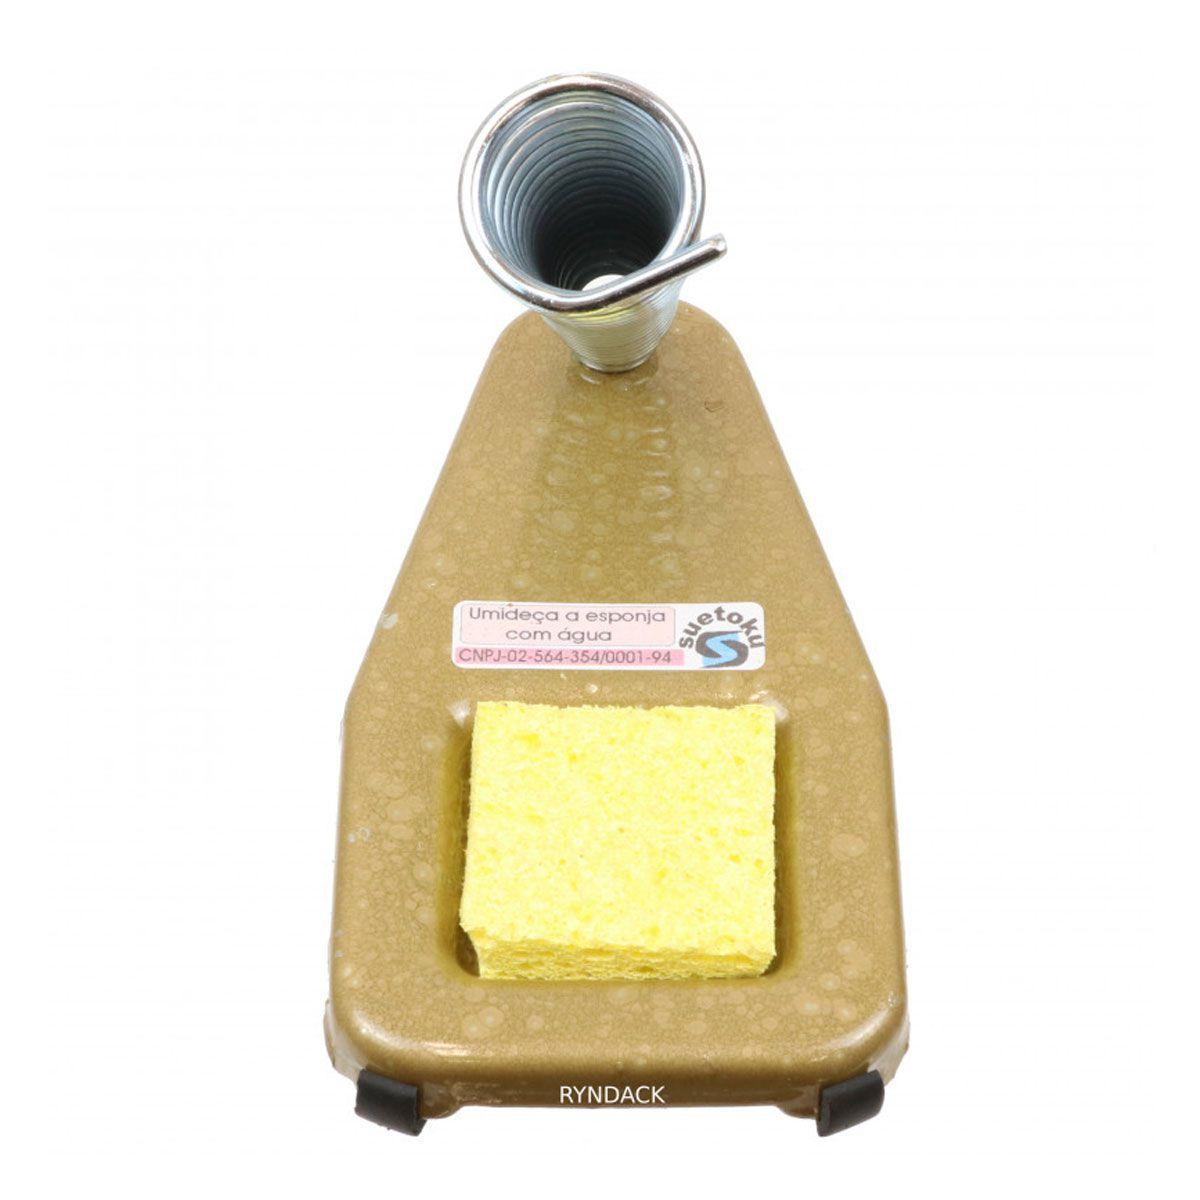 Suporte para Ferro de Solda com Esponja Vegetal + 1 Tubete de Estanho 1mm Cobix